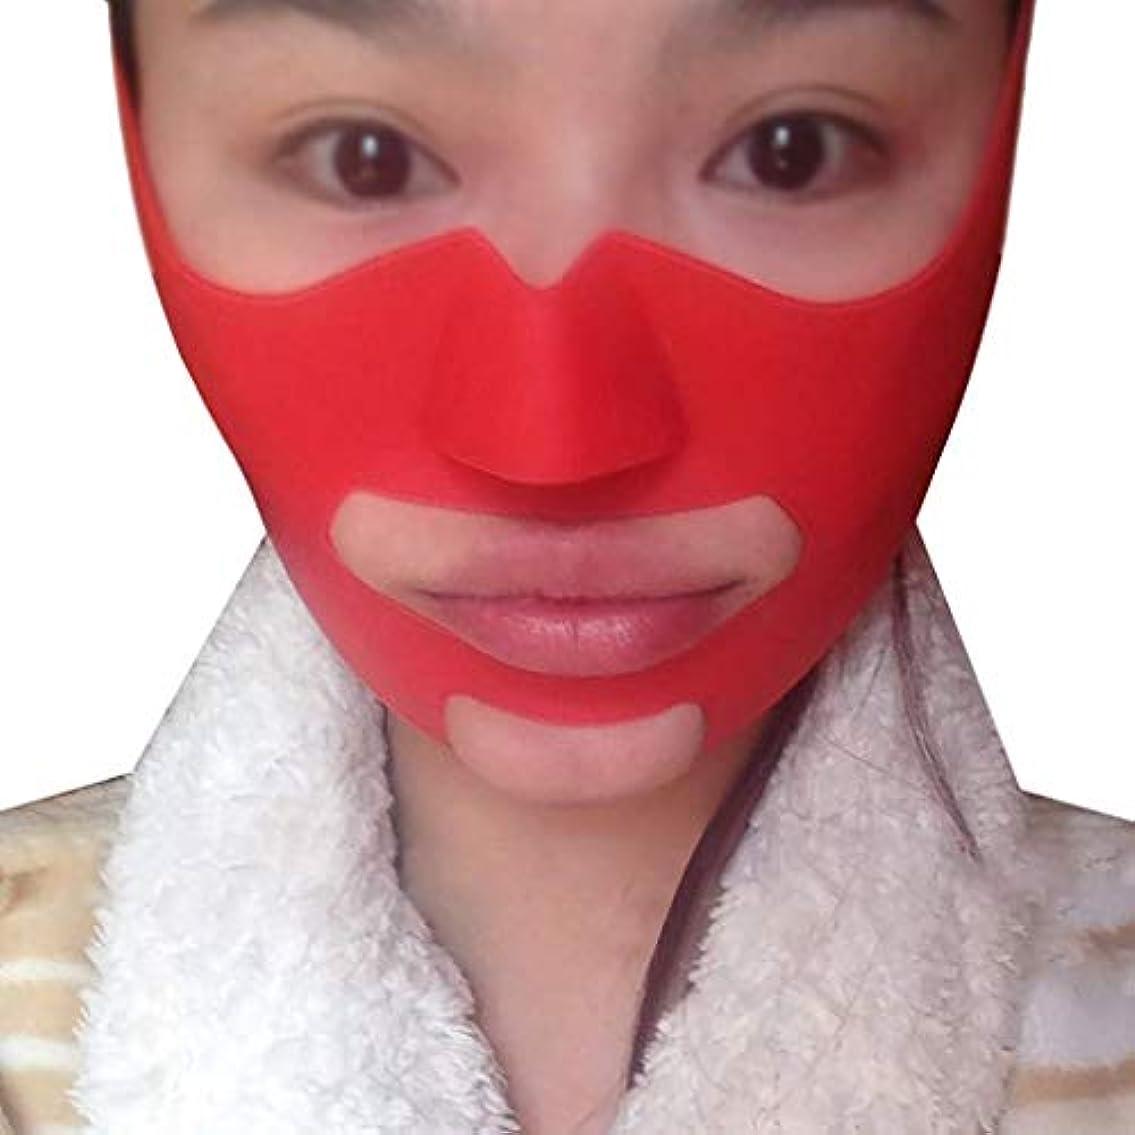 異形もろい励起フェイスリフトマスク、シリコーンVフェイスマスクフェイスマスク強力な薄い咬筋筋肉を持ち上げるアップルの筋肉パターン布アーティファクト小さなV顔包帯顔と首リフト